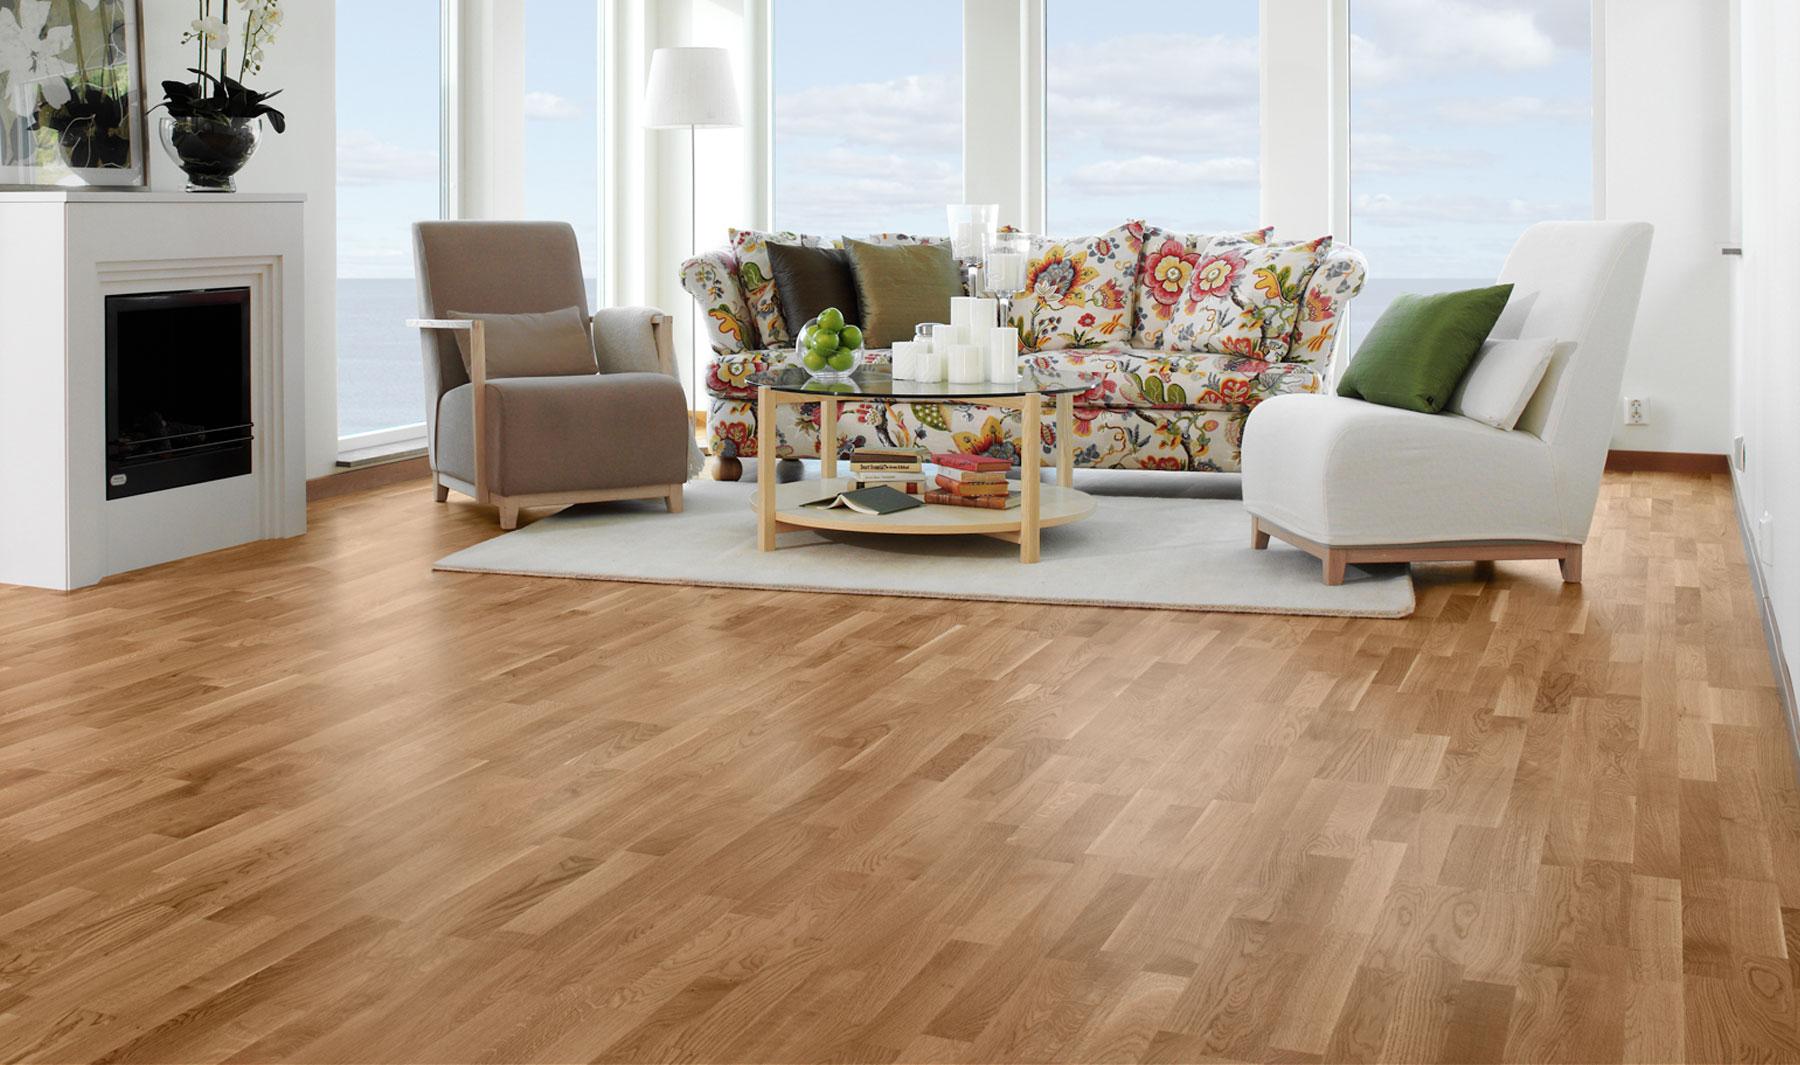 Ventajas de los suelos de madera atelier32 - Tipos de suelos de madera ...